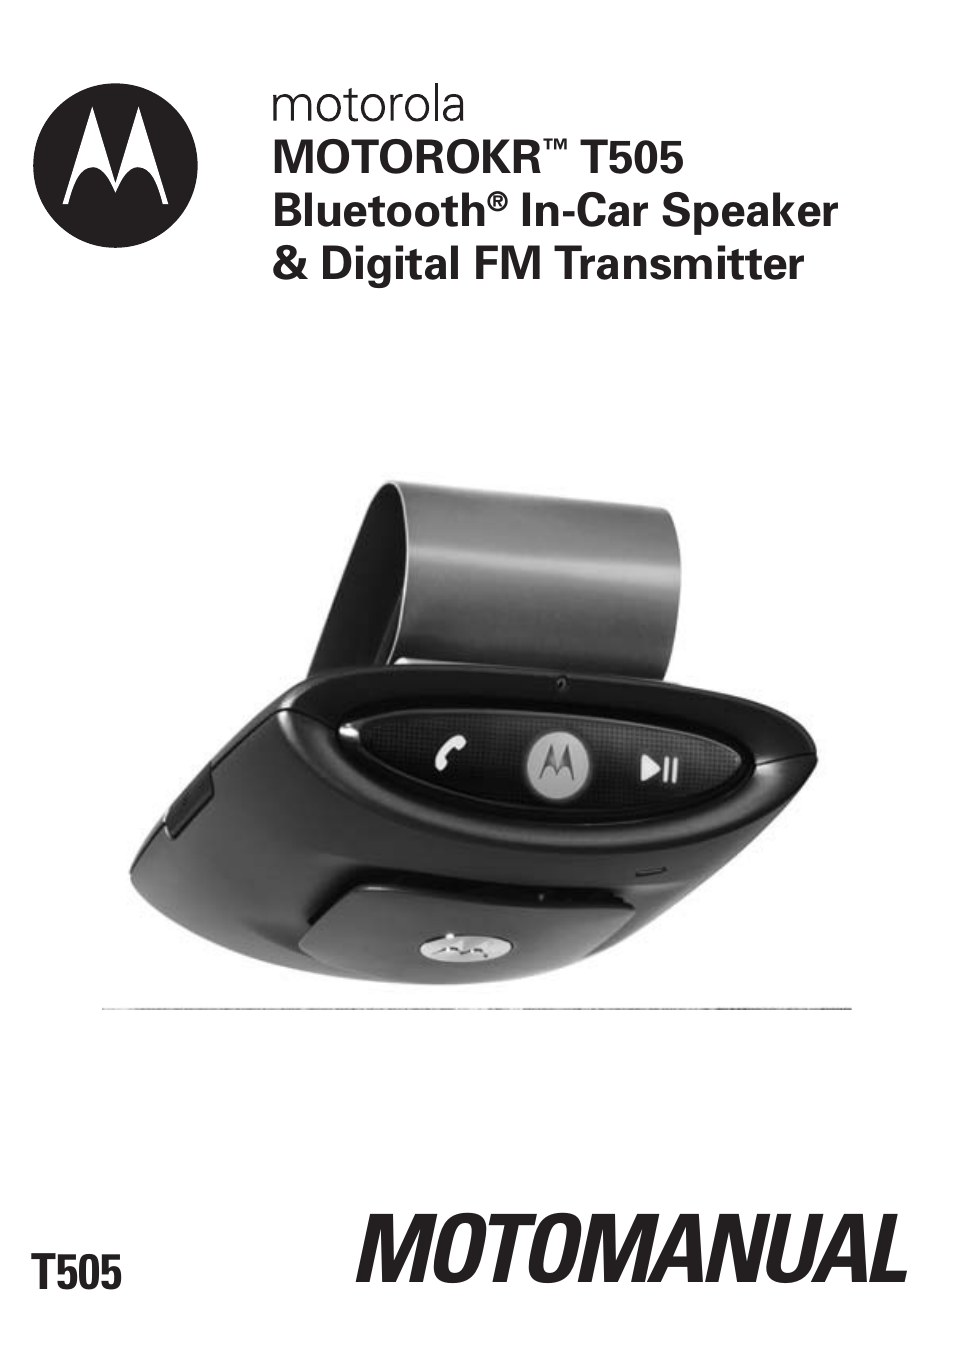 motorola t505 user manual 16 pages rh manualsdir com Motorola Car Bluetooth Manual Motorola Bluetooth N136 Manual Found